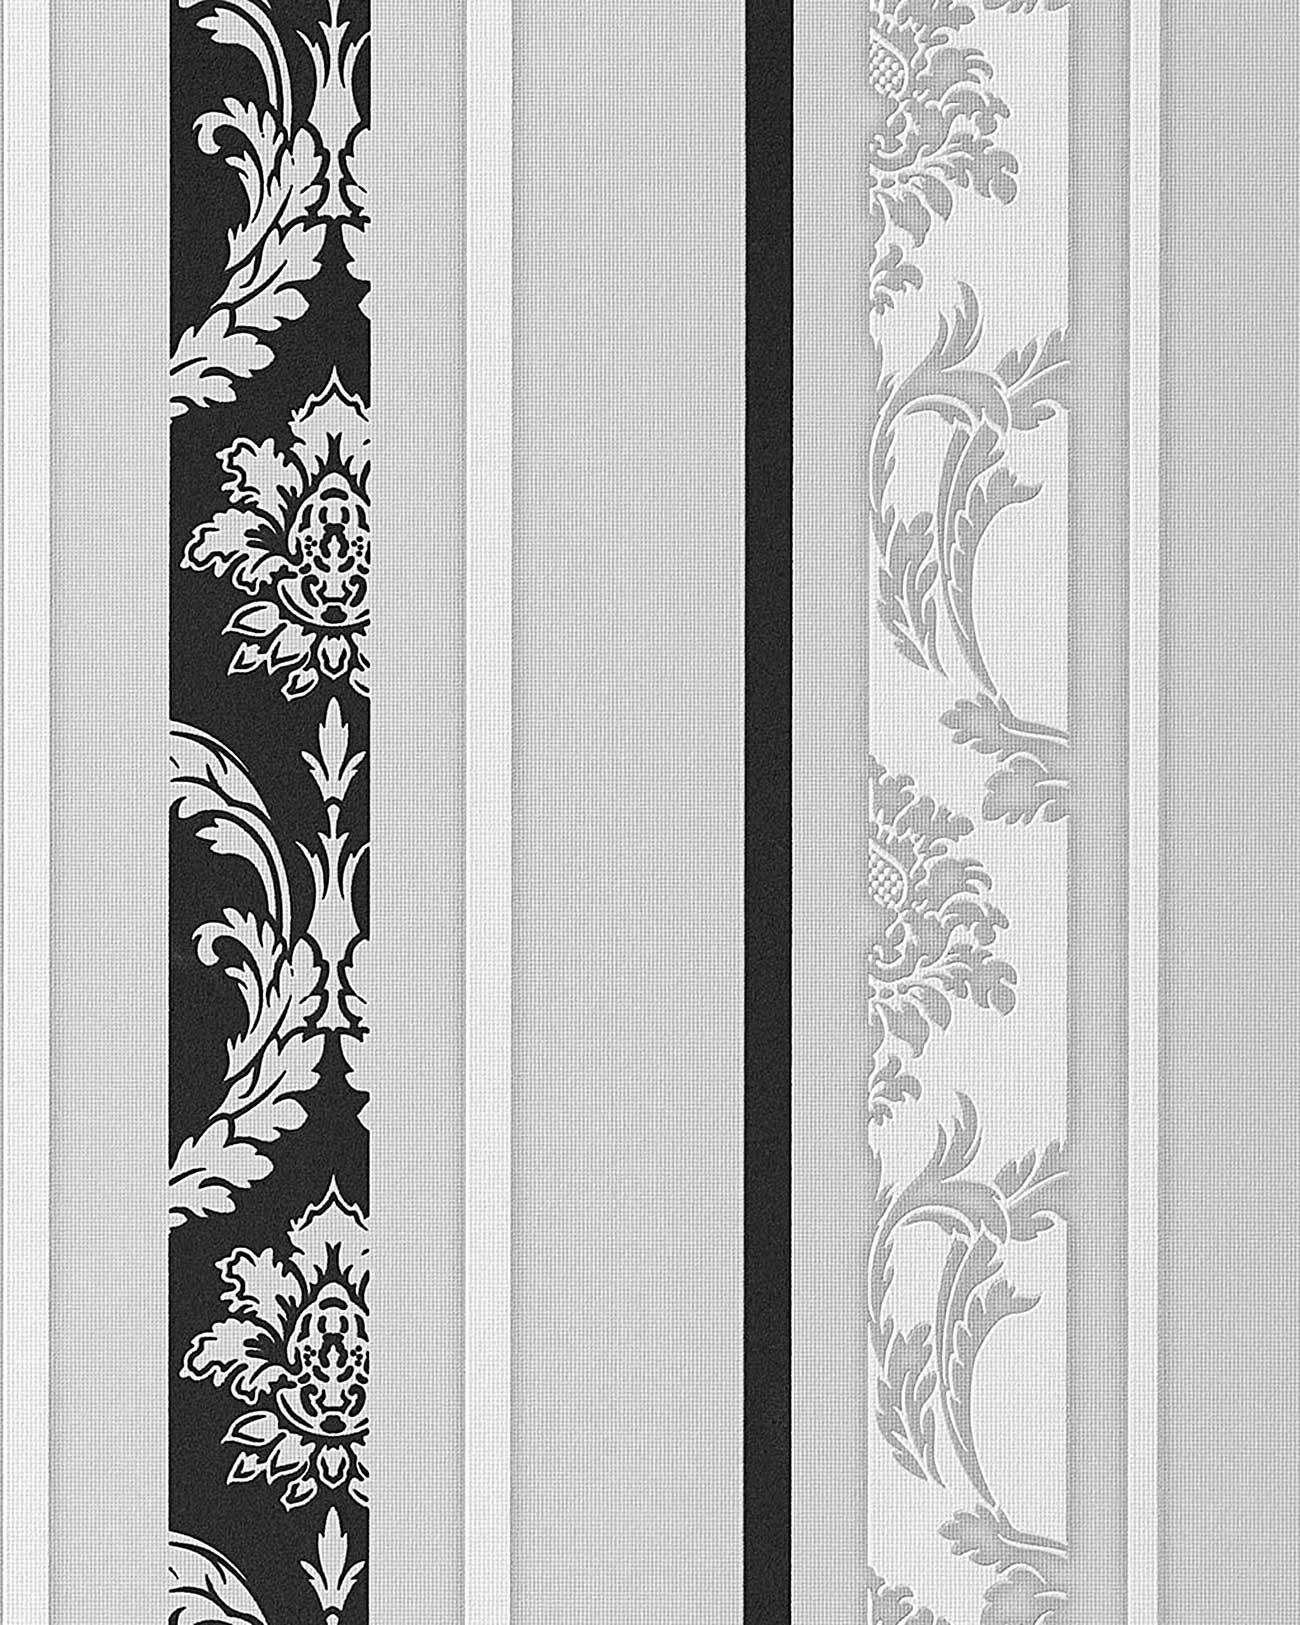 Papel pintado dise o barroco damasco edem 053 20 rayas for Papel pintado barroco